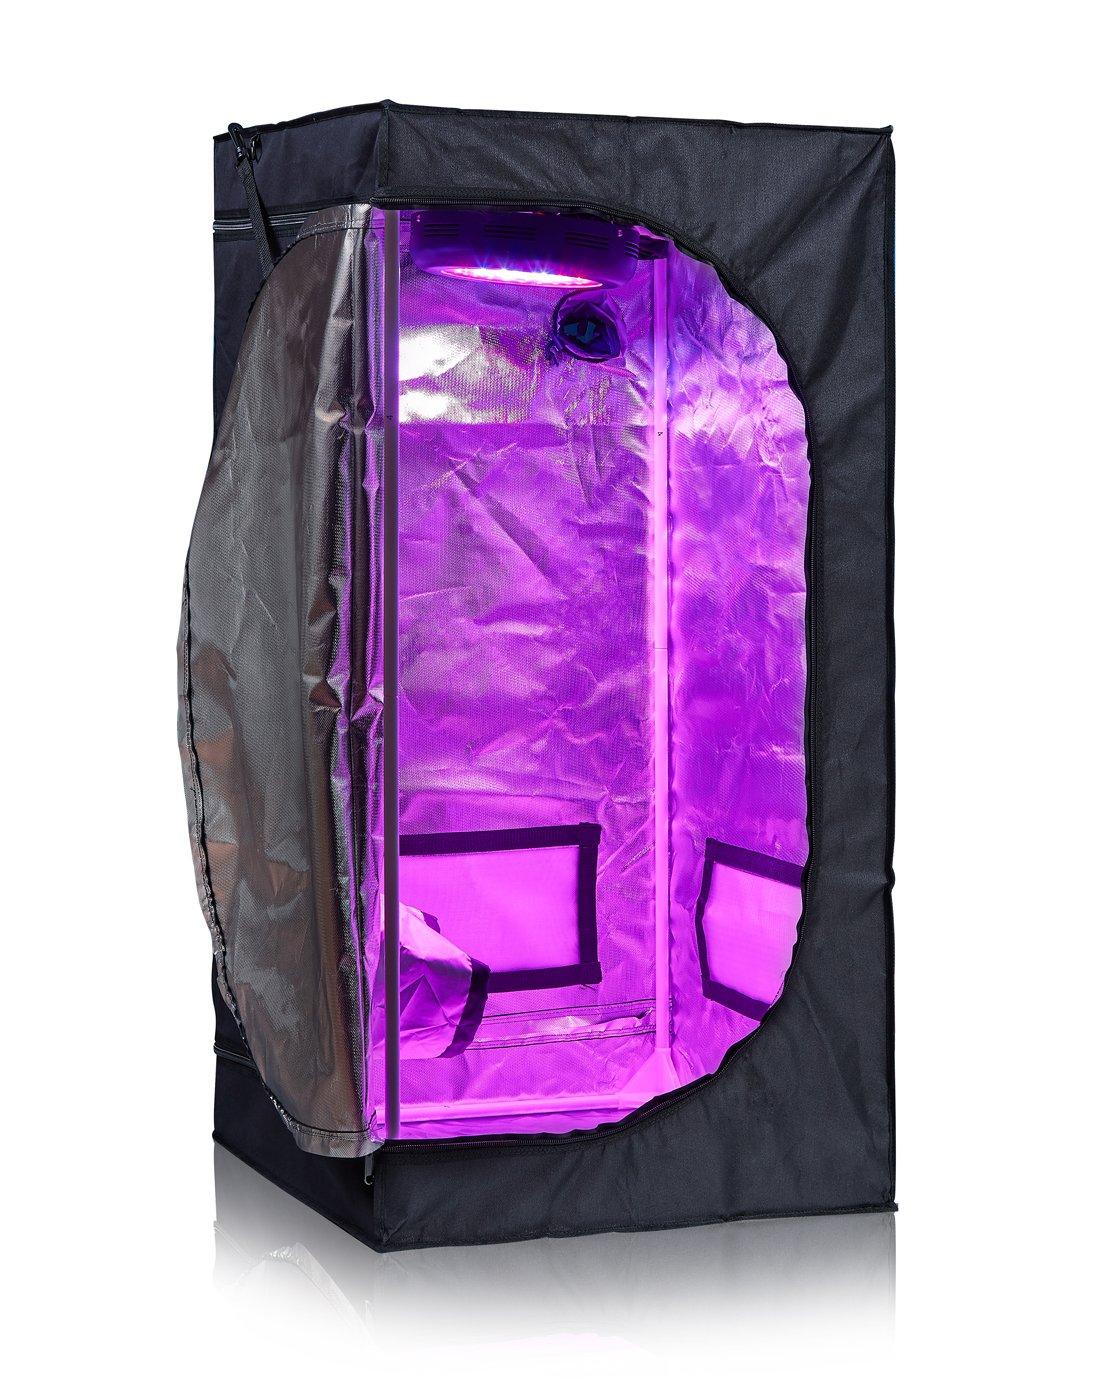 TopoLite 24''x24''x48'' 600D Grow Tent Room Reflective Mylar Indoor Garden Growing Room Hydroponic System Dark Room